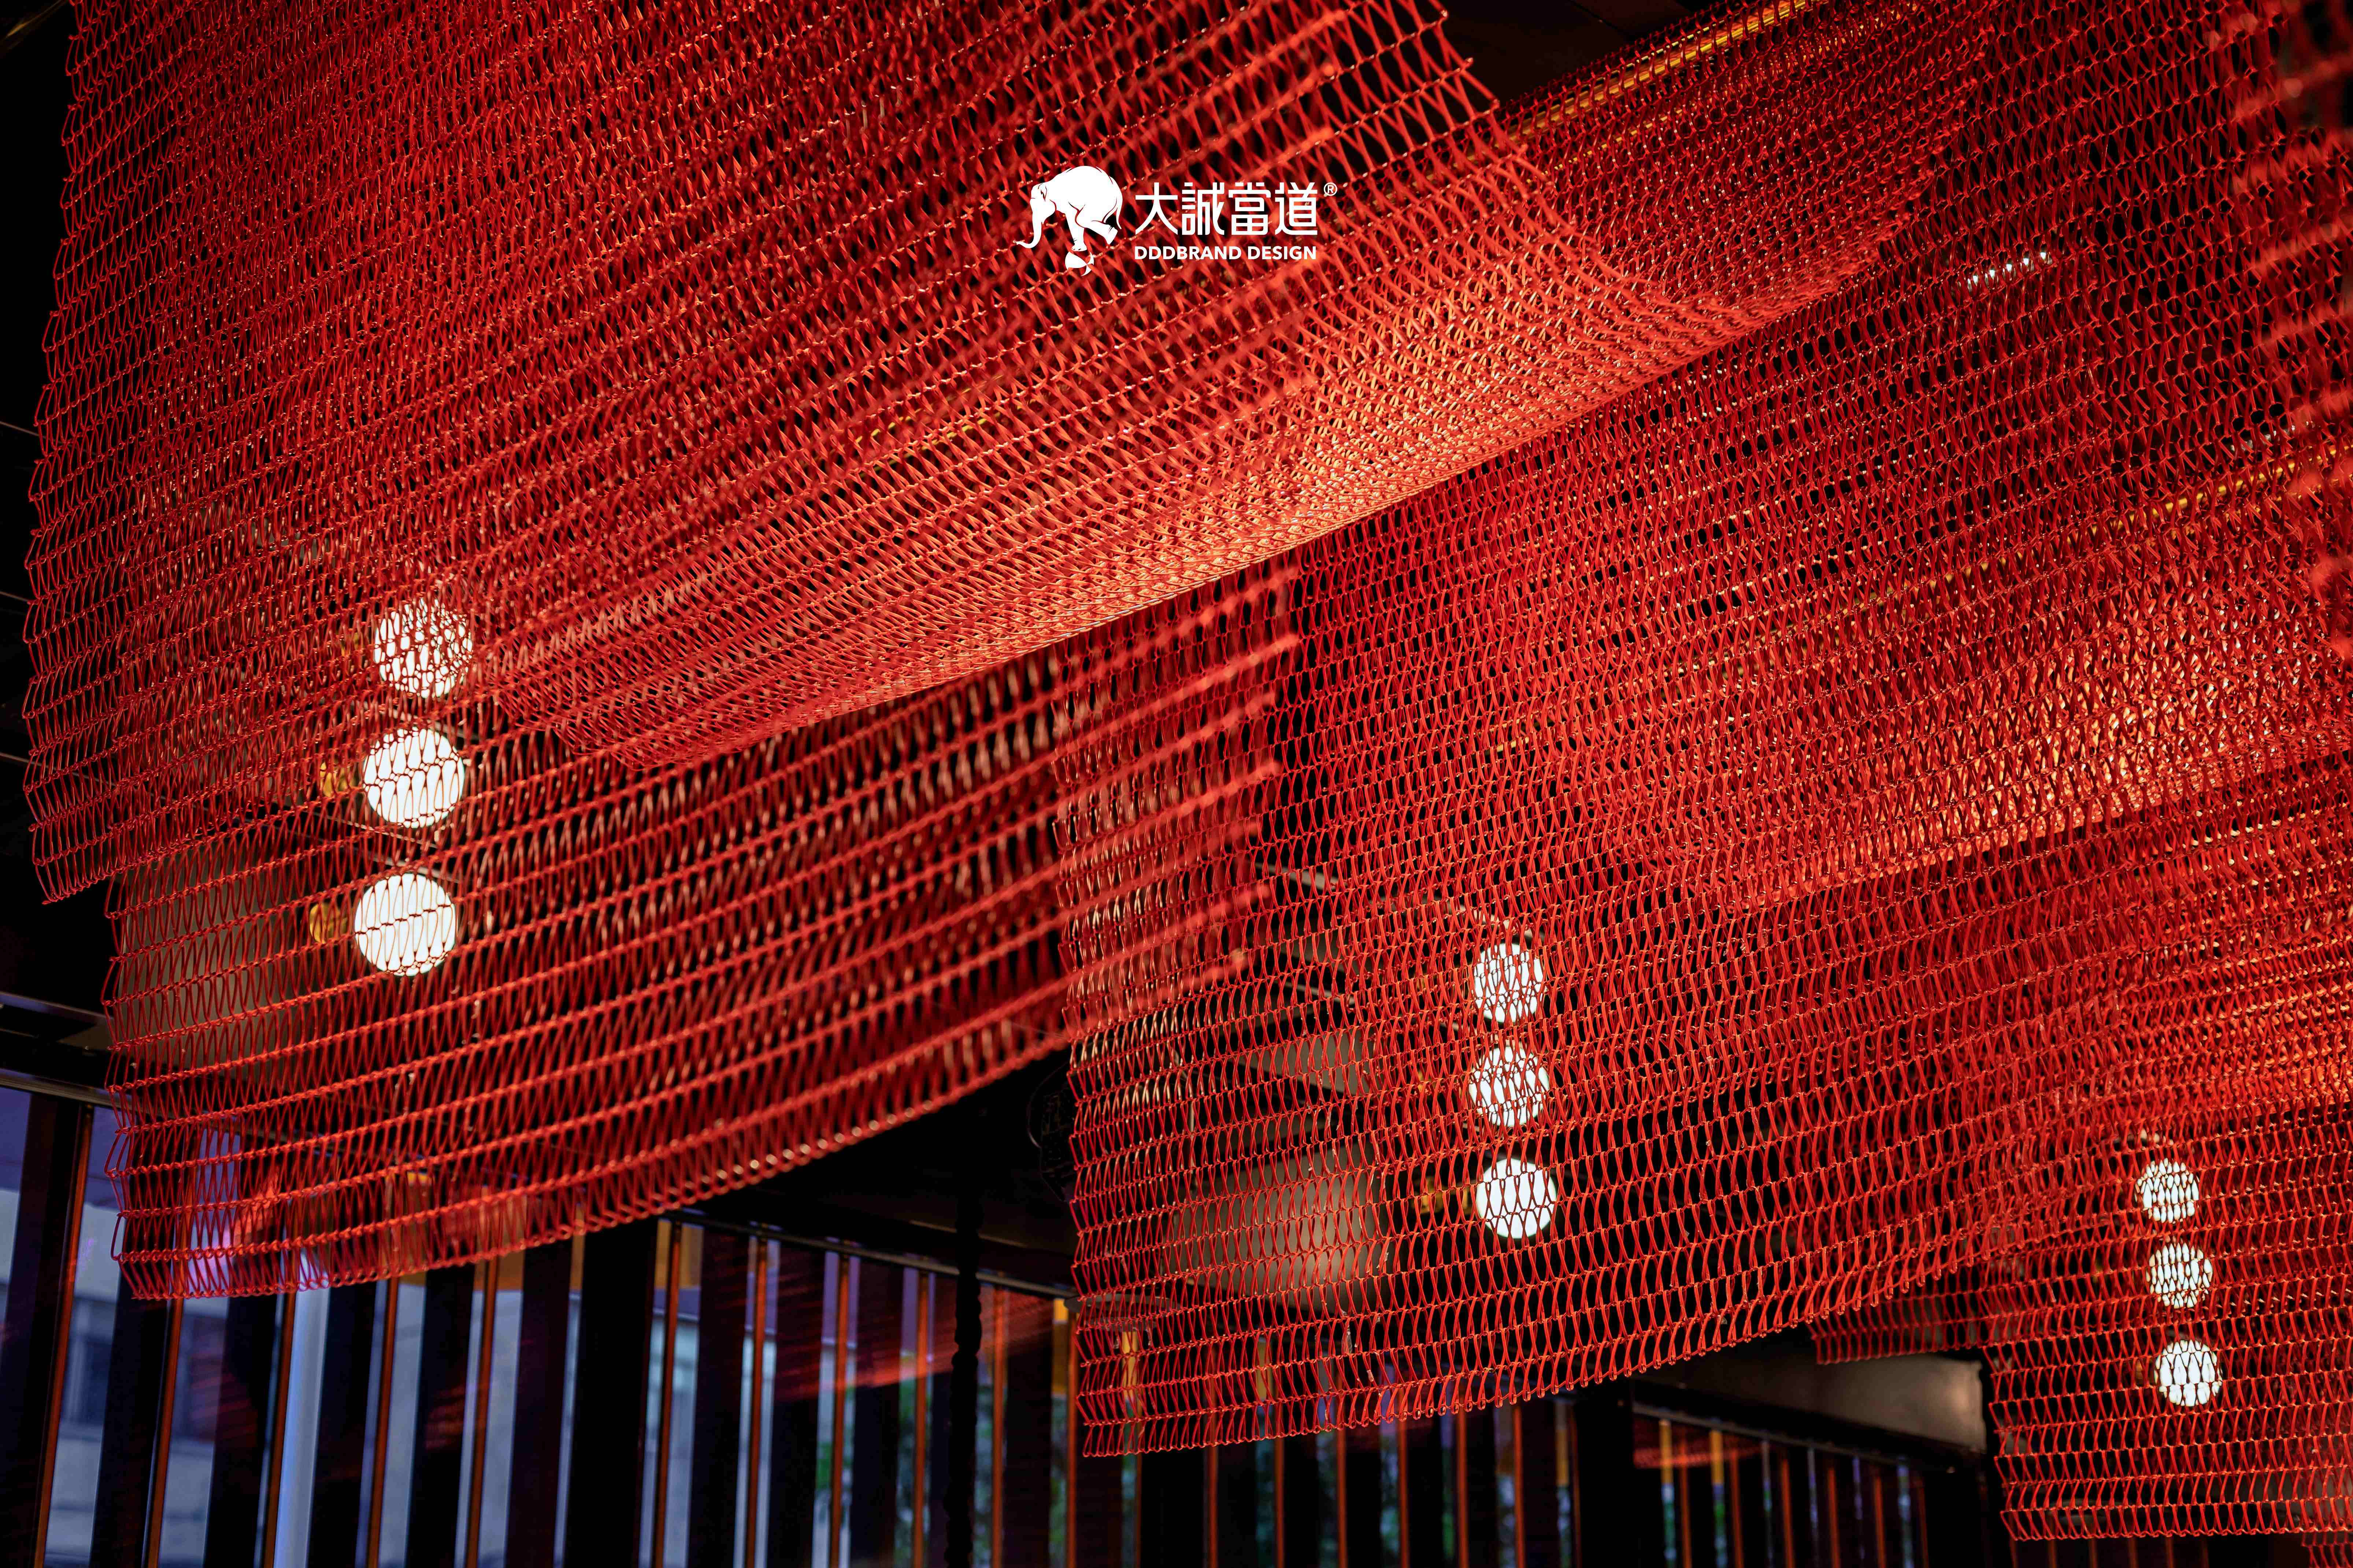 红网.jpg